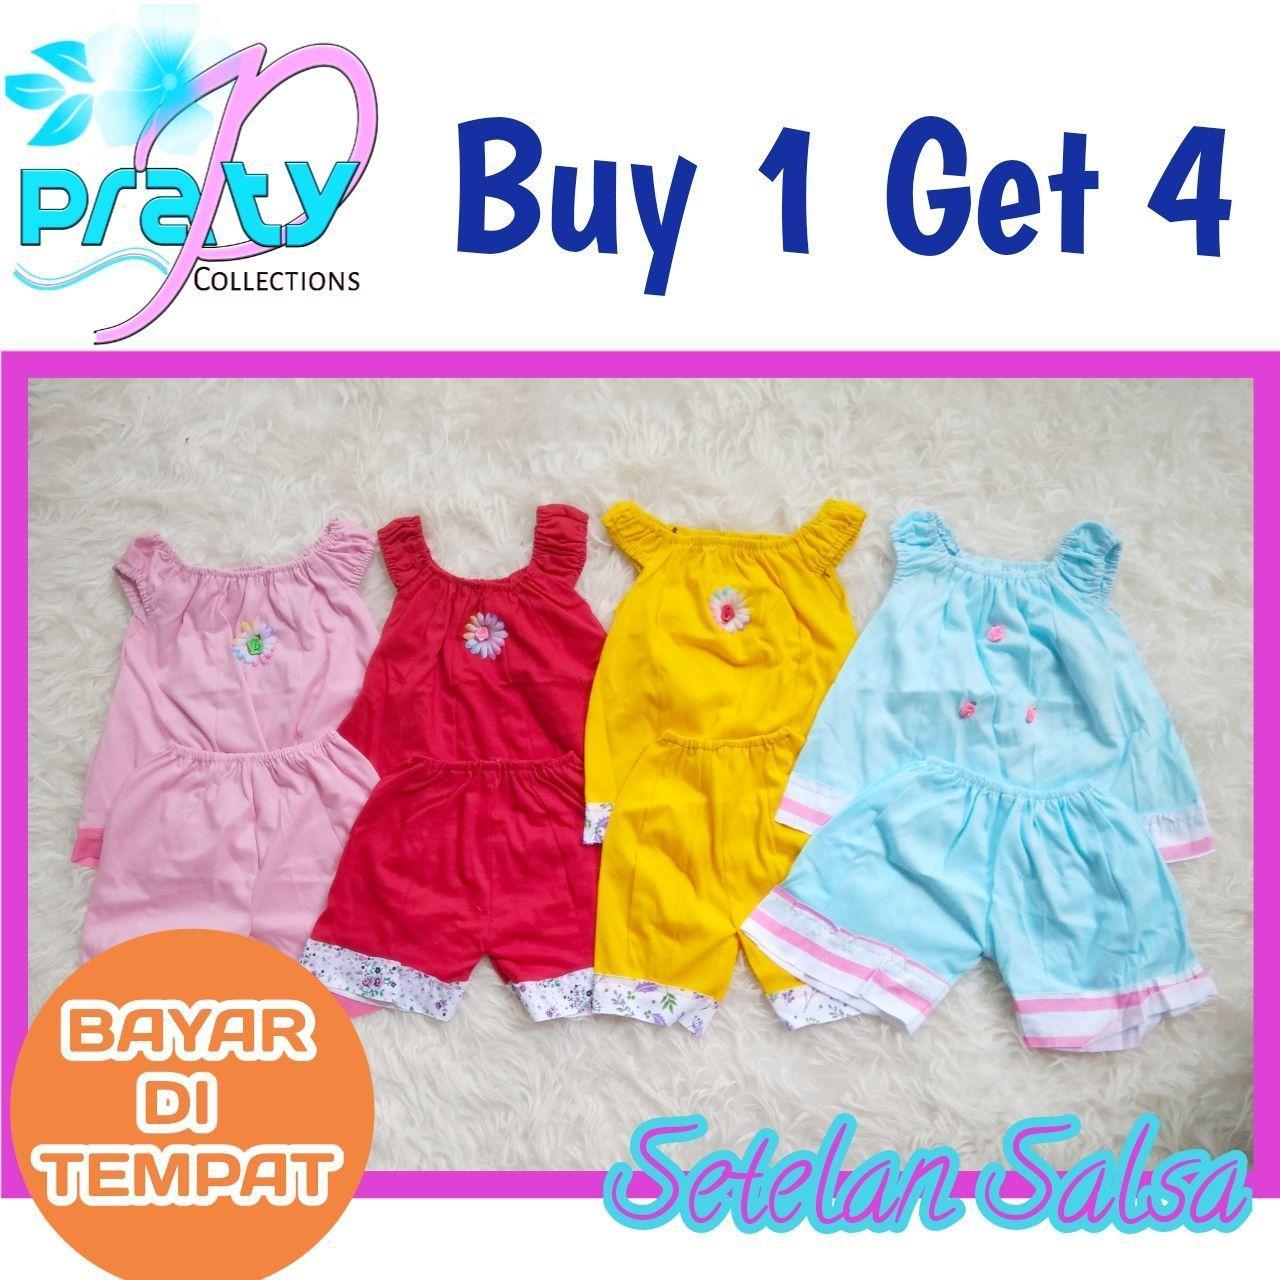 Pakaian Bayi Perempuan Terbaru Baju Jumper Kodok 2 Pcs Karakter Baby Zebra Buy 1 Get 4 Setelan Anak Cewek Celana